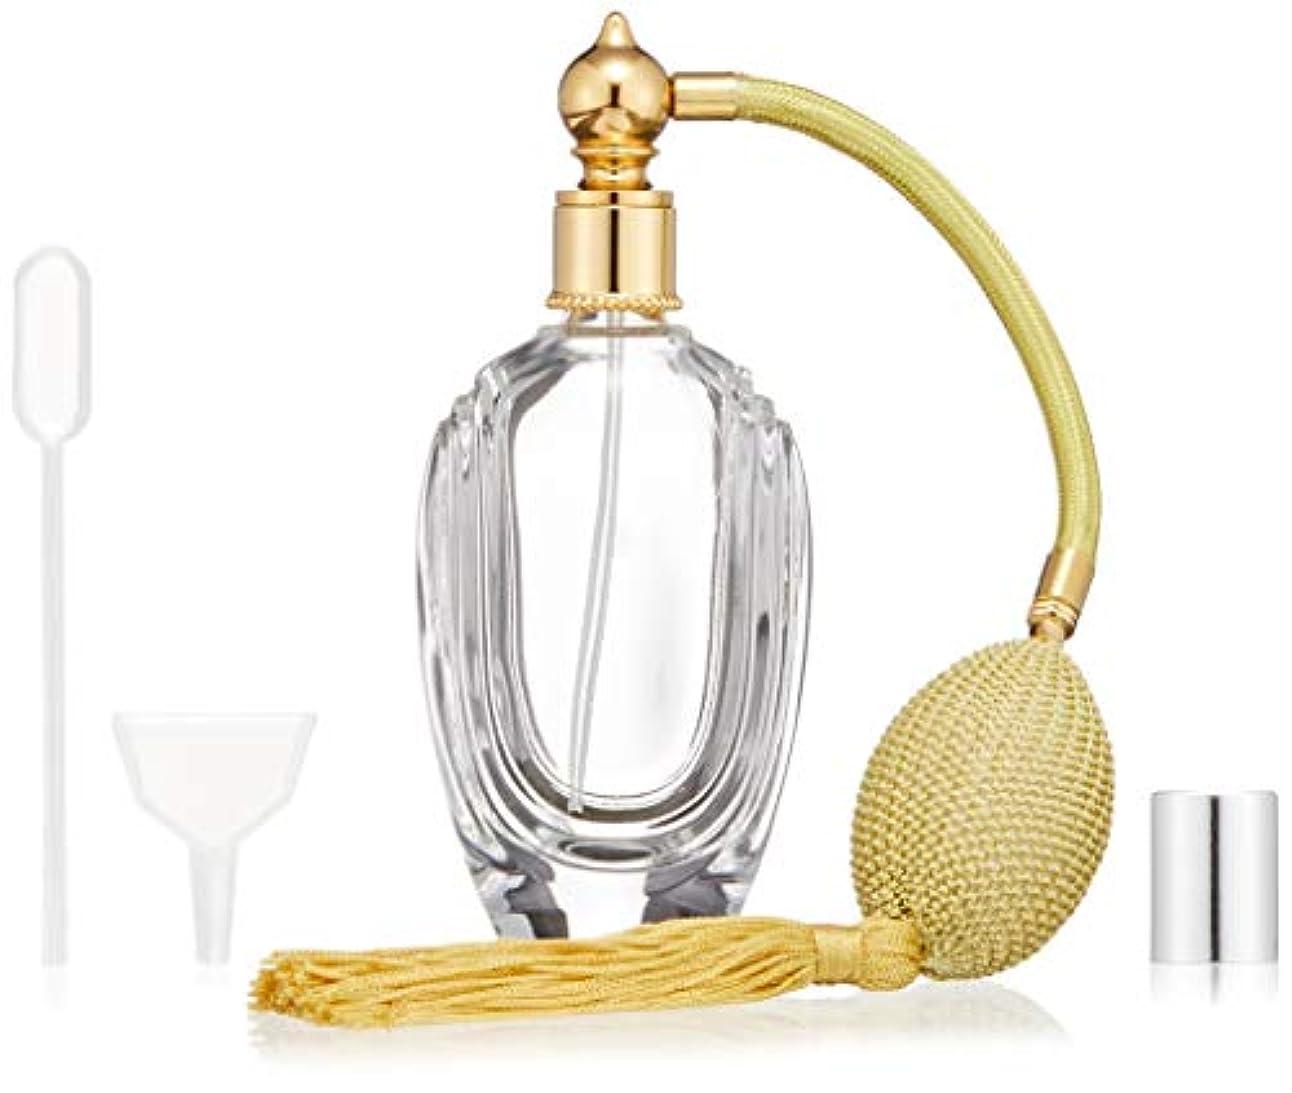 絞る厳密に素朴なヒロセアトマイザー フランス製香水瓶50ML Upper East Side 399853CG (50MLタクジョウ) CLGD